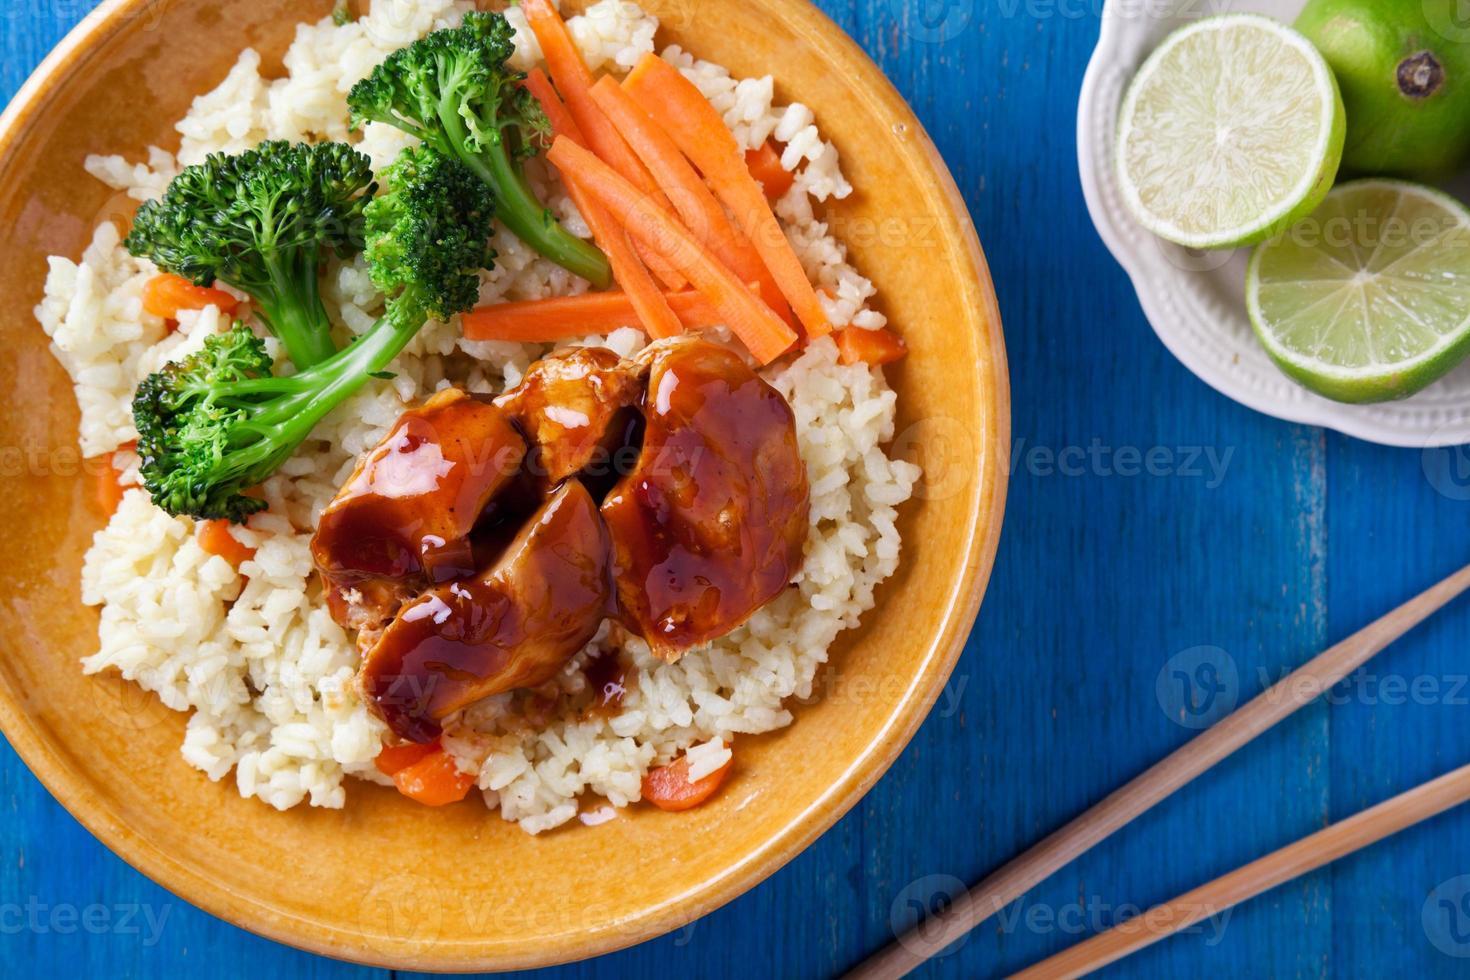 comida de pollo y verduras de cerca foto